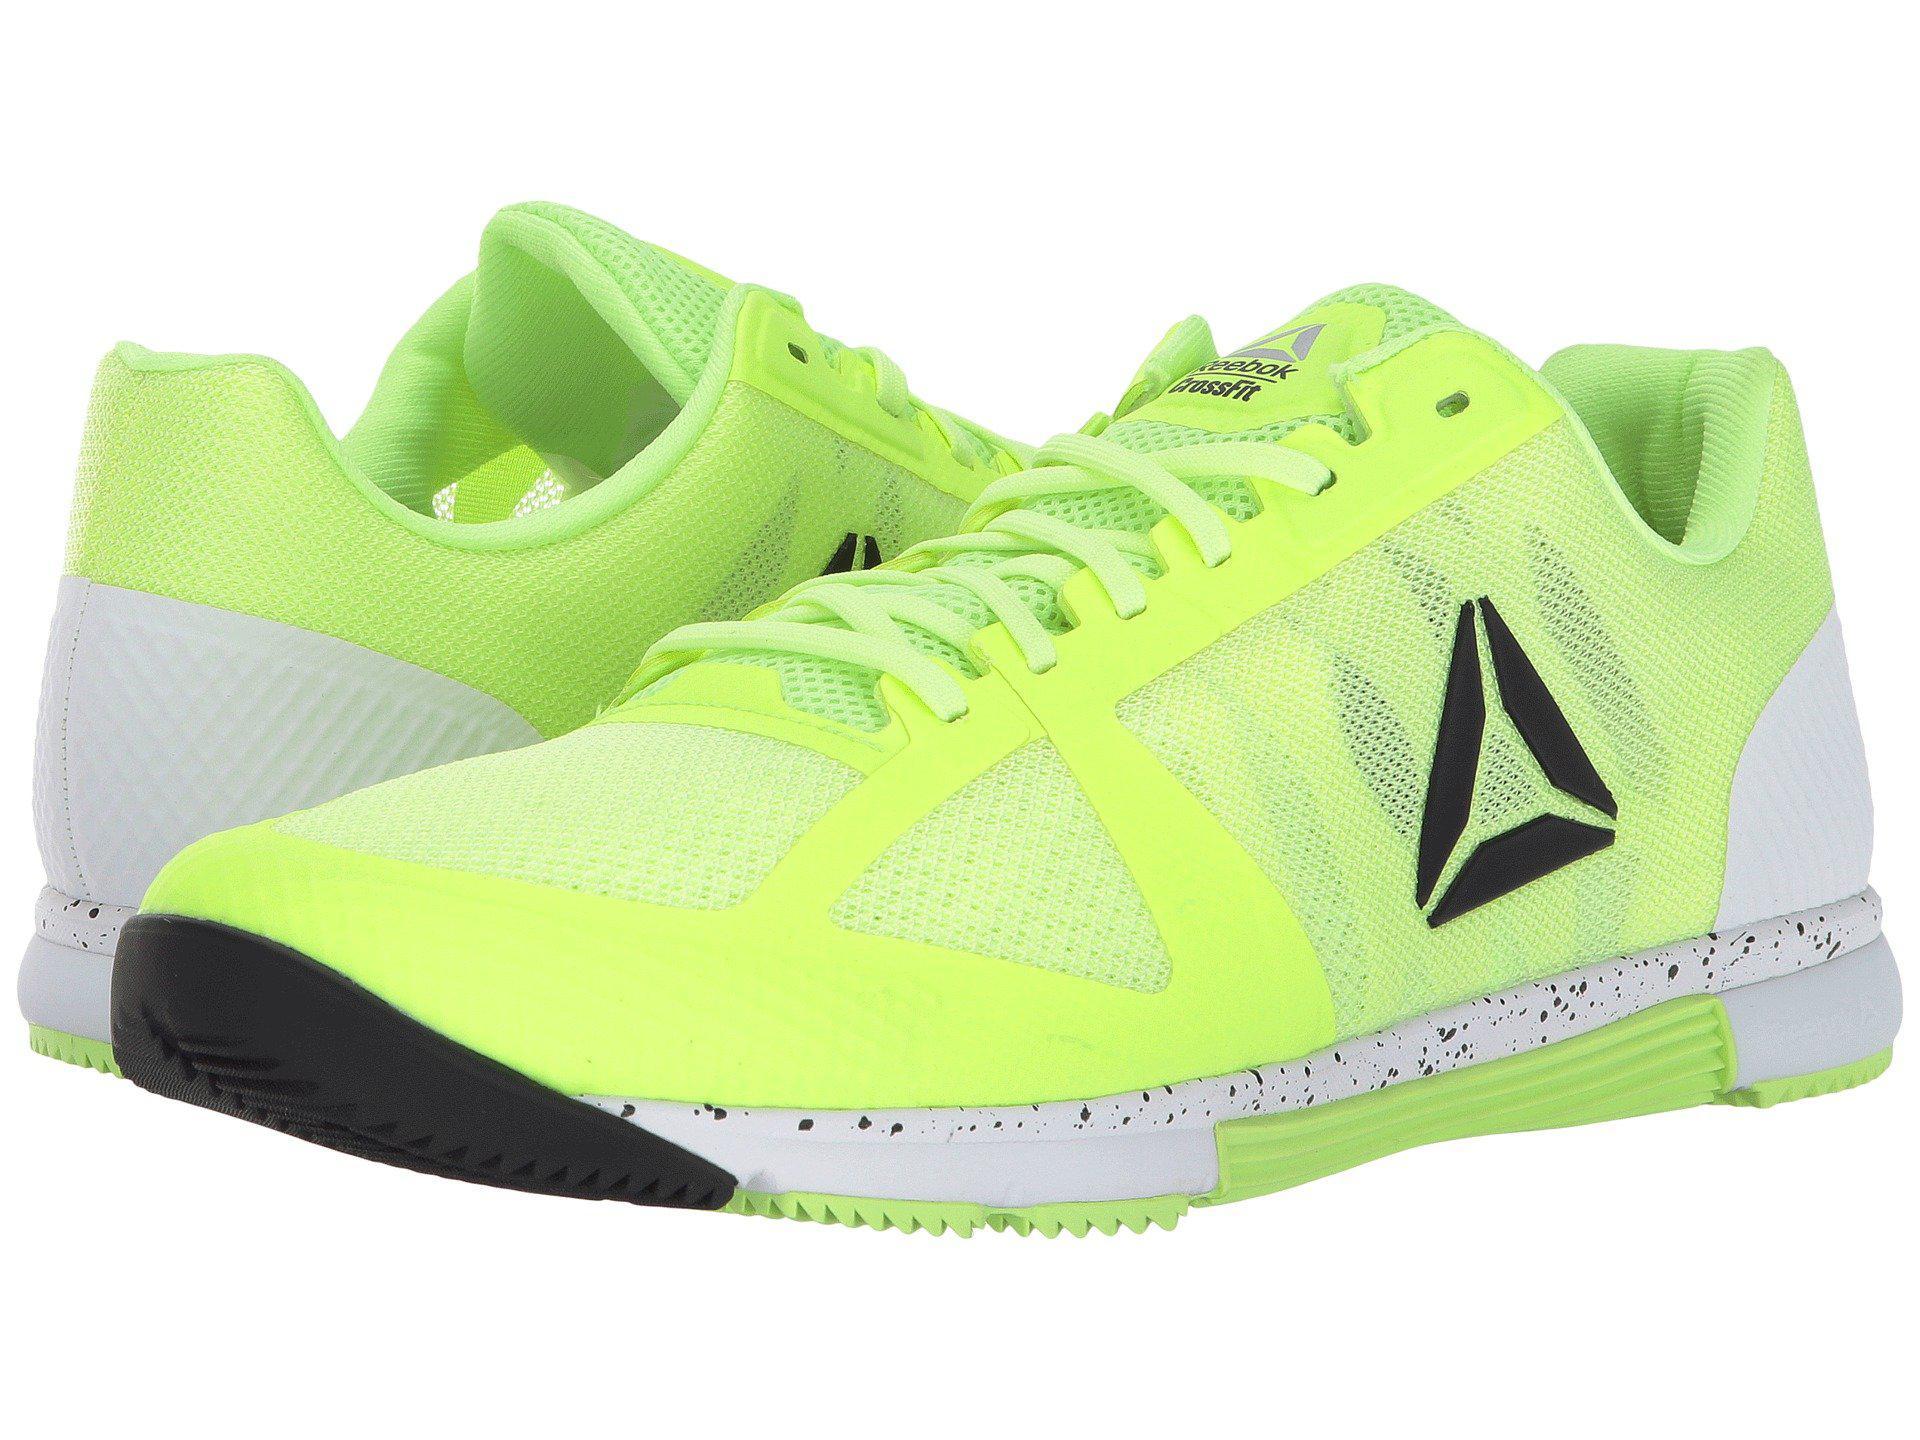 Lyst - Reebok Crossfit® Speed Tr 2.0 in Green for Men cb75e2f35